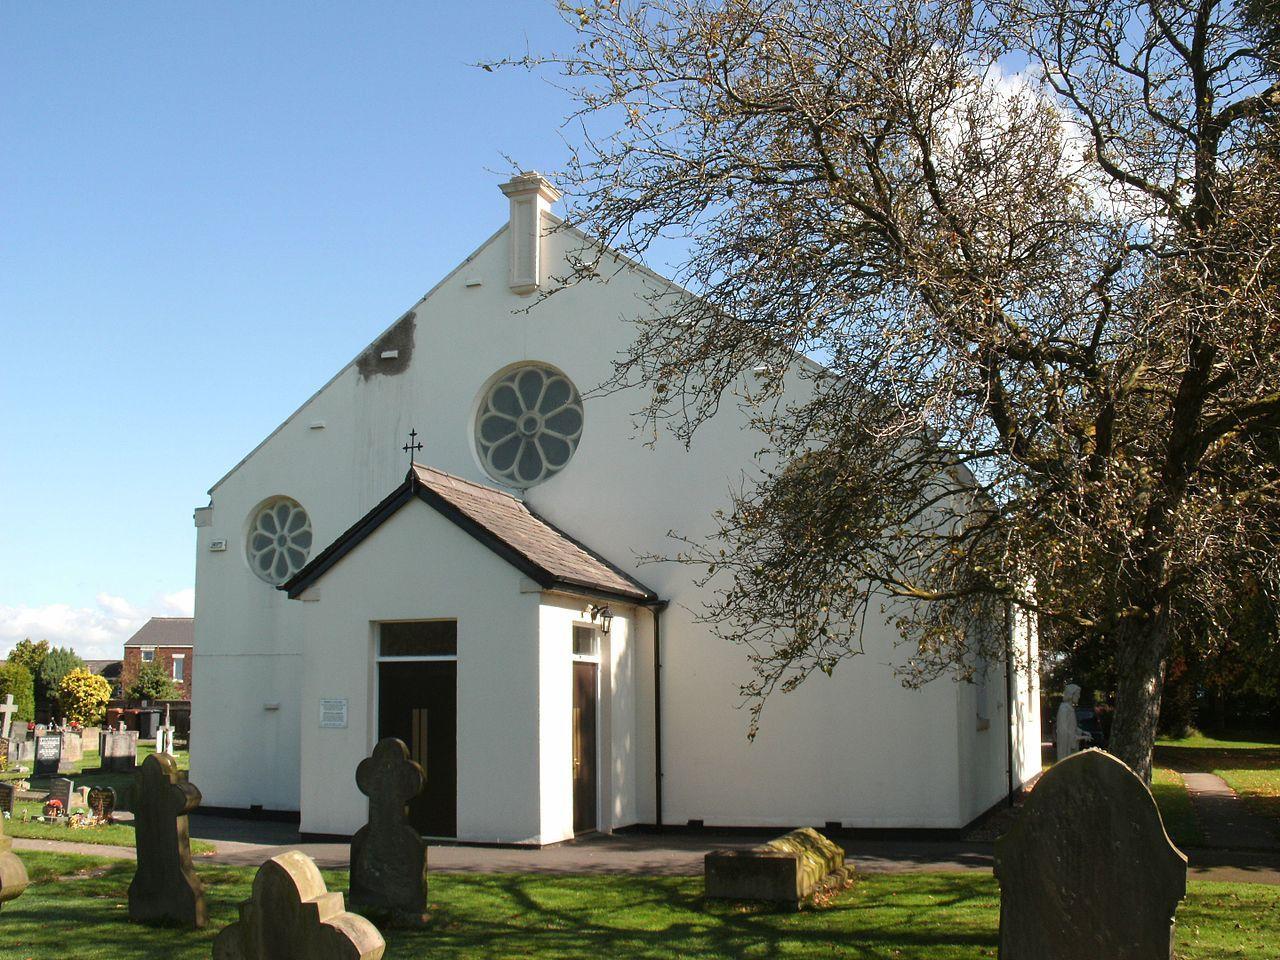 st-_andrews_and_blessed_george_haydocks_catholic_church_cottam_lancashire_uk